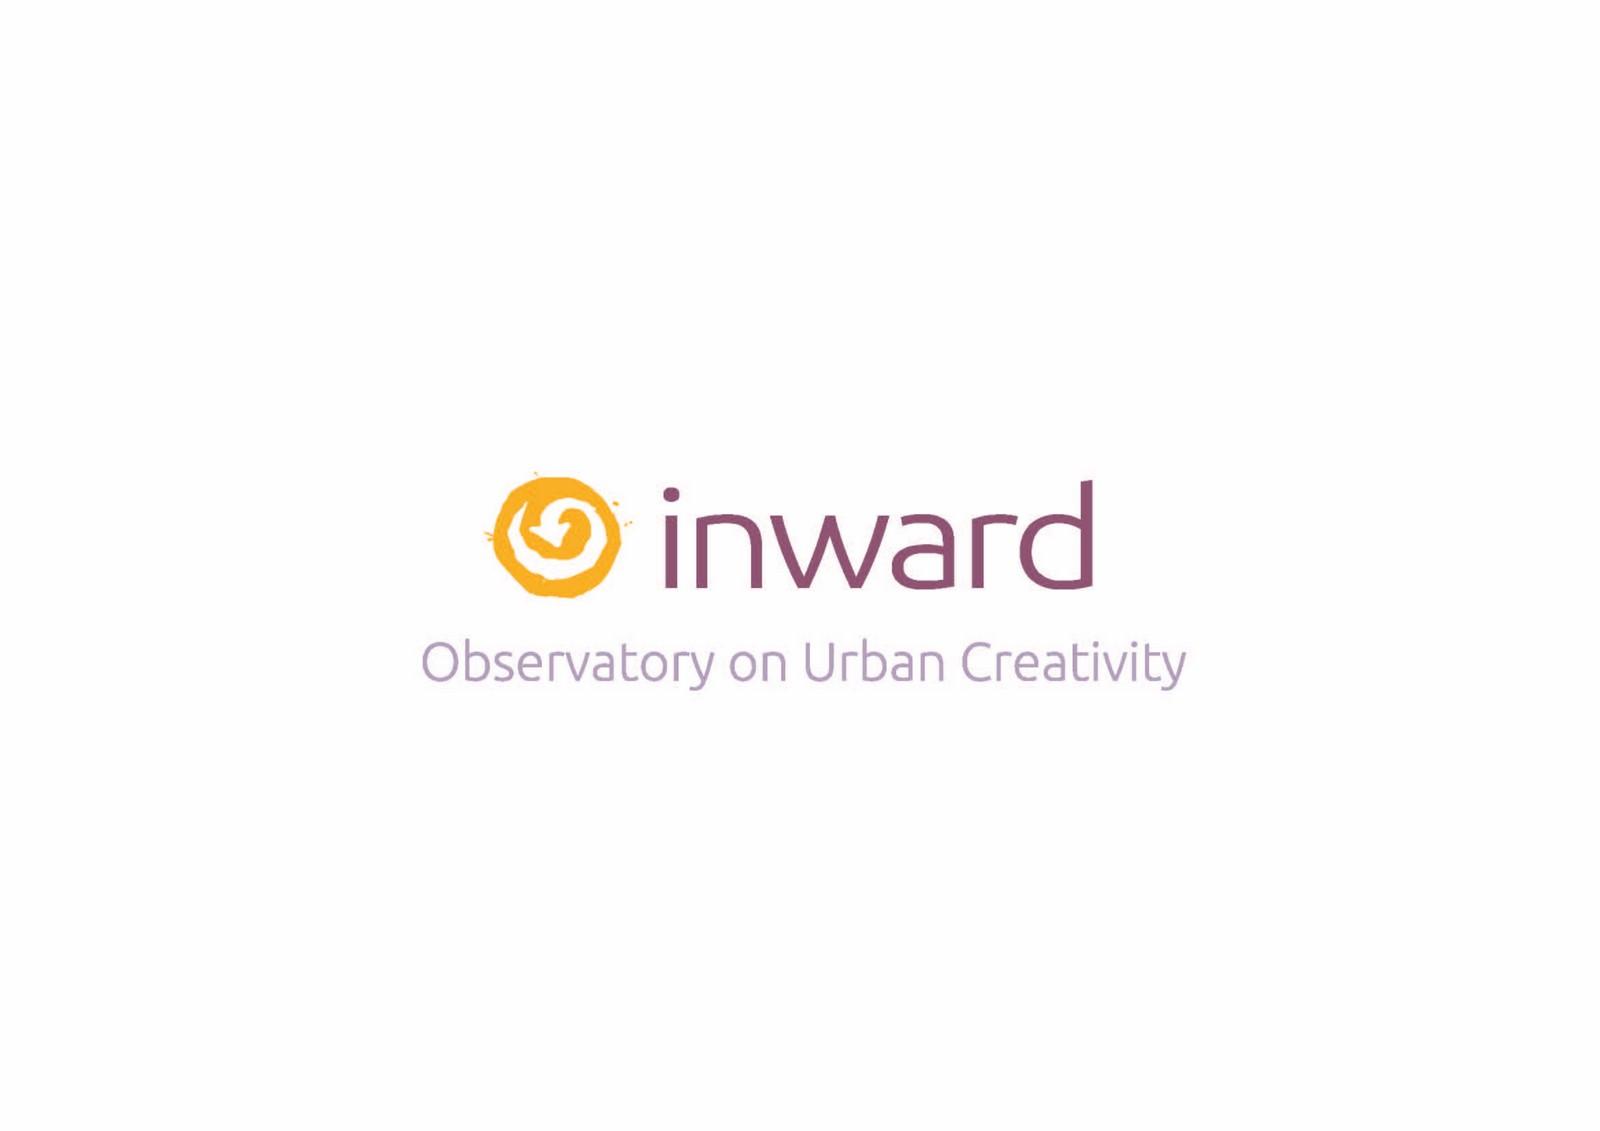 Nasce INWARD Osservatorio sulla Creatività Urbana